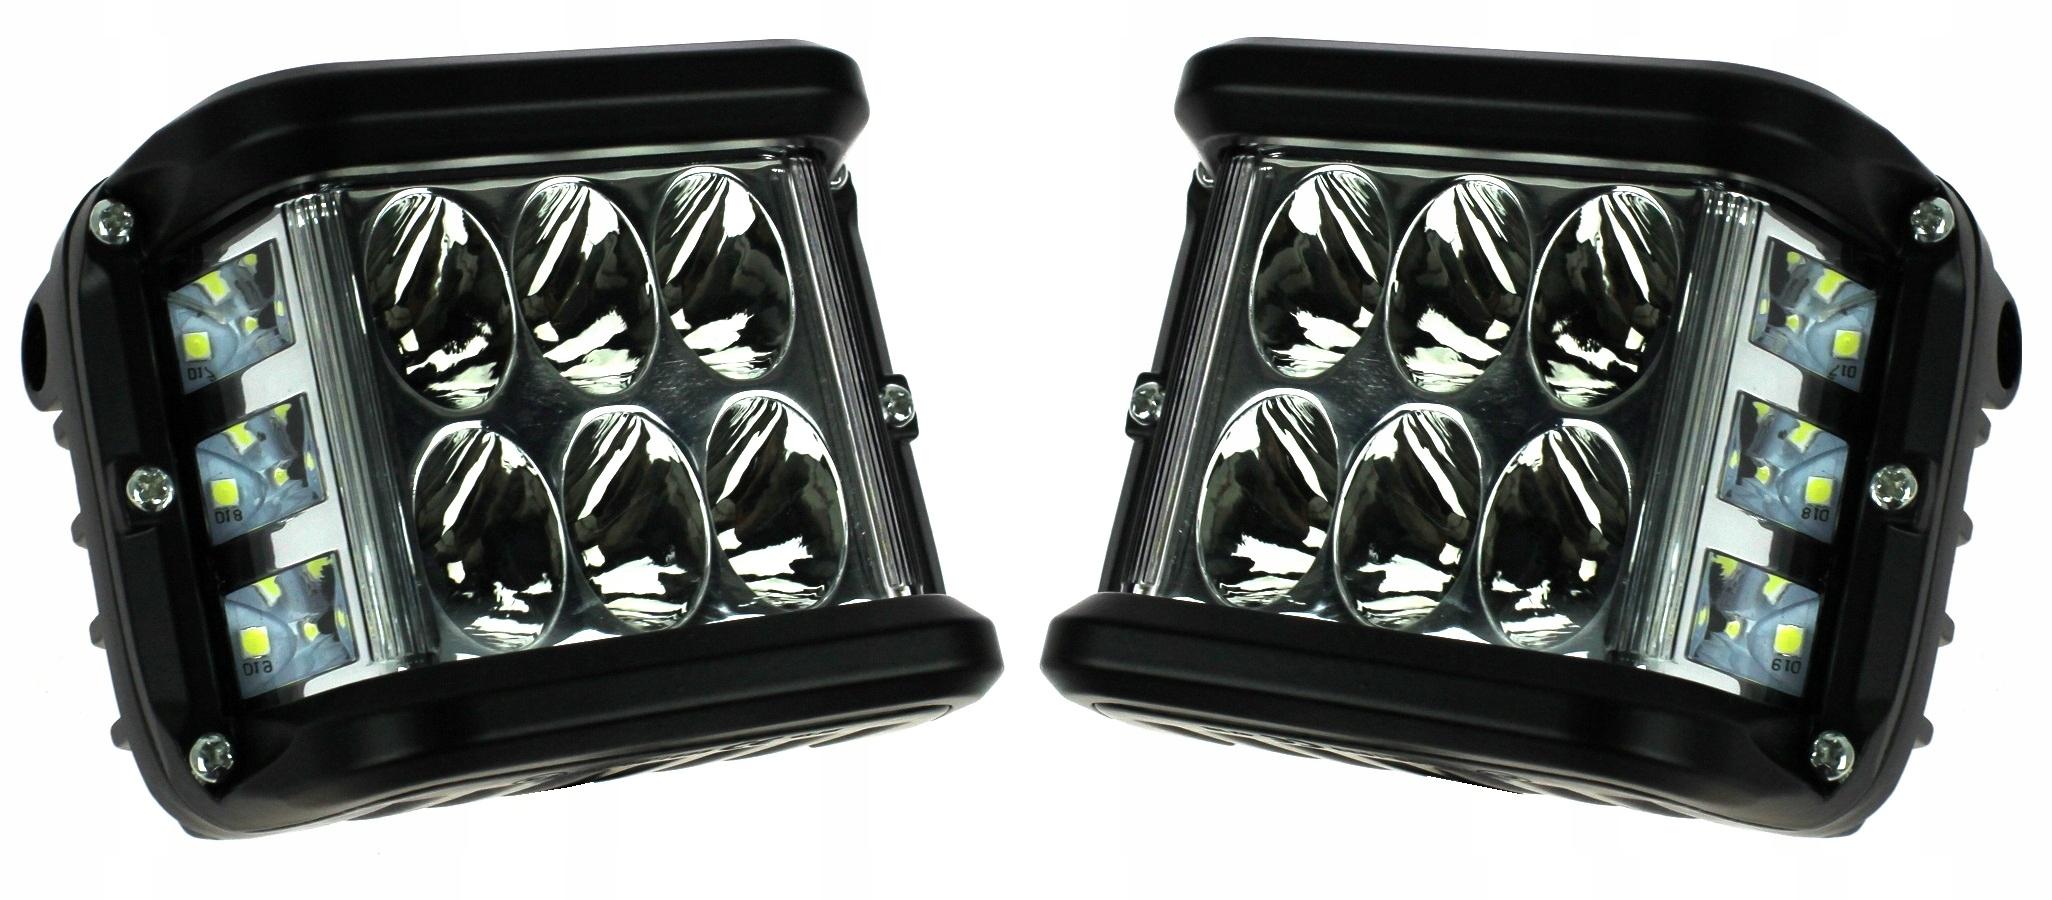 лампа рабочая панель led комплект 2 шт 72w cube